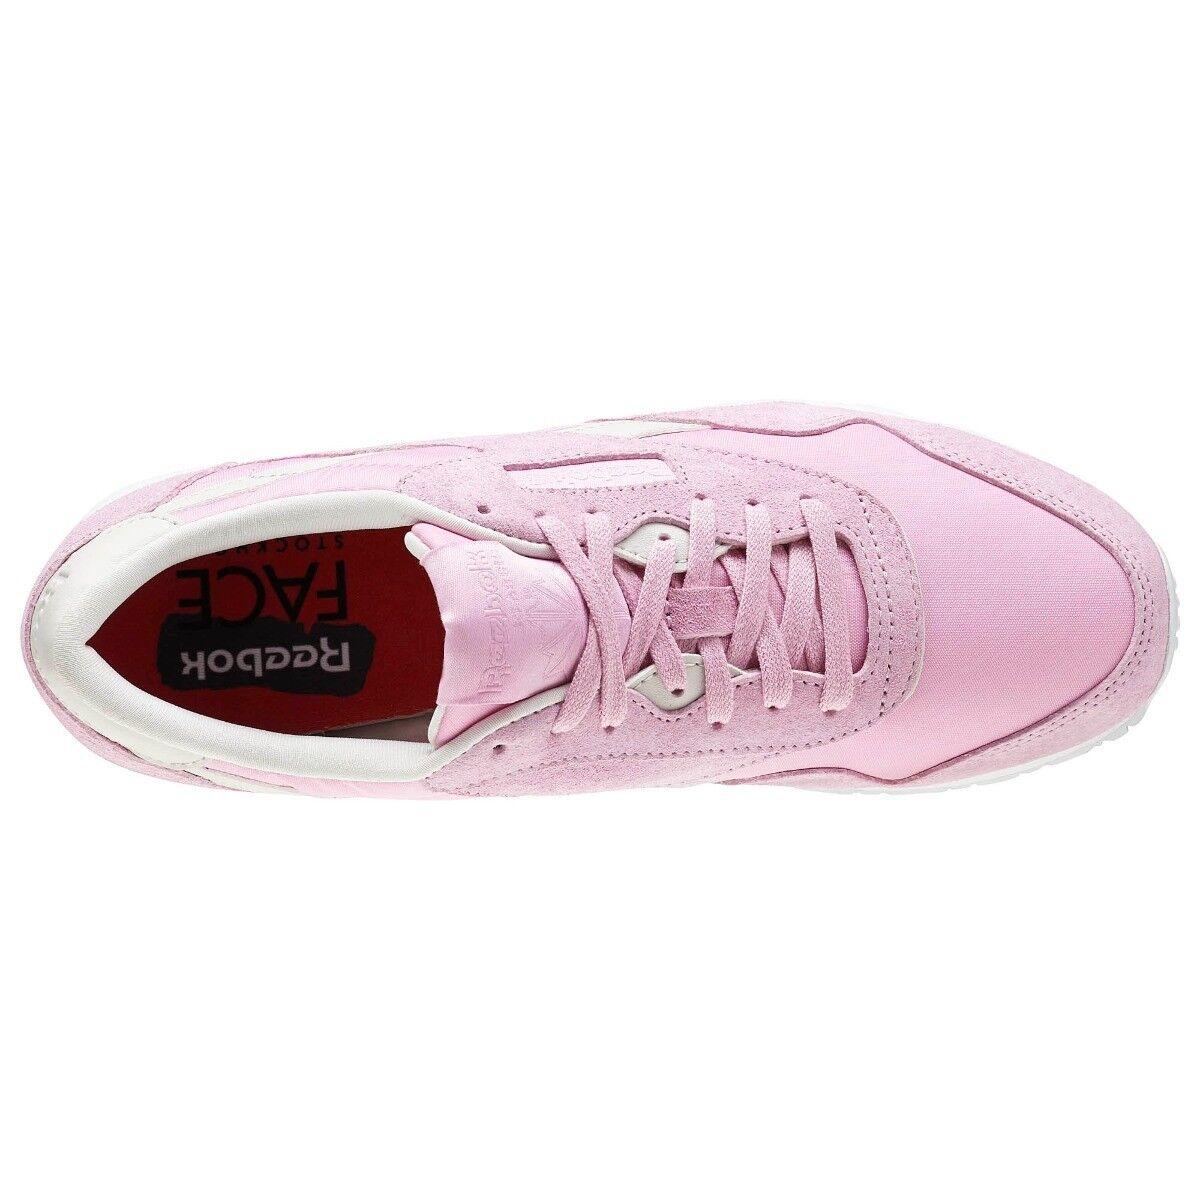 Reebok Klassisch Trainer Damen Trainer Schuhgröße 4 4 Schuhgröße pink weiß 303c15